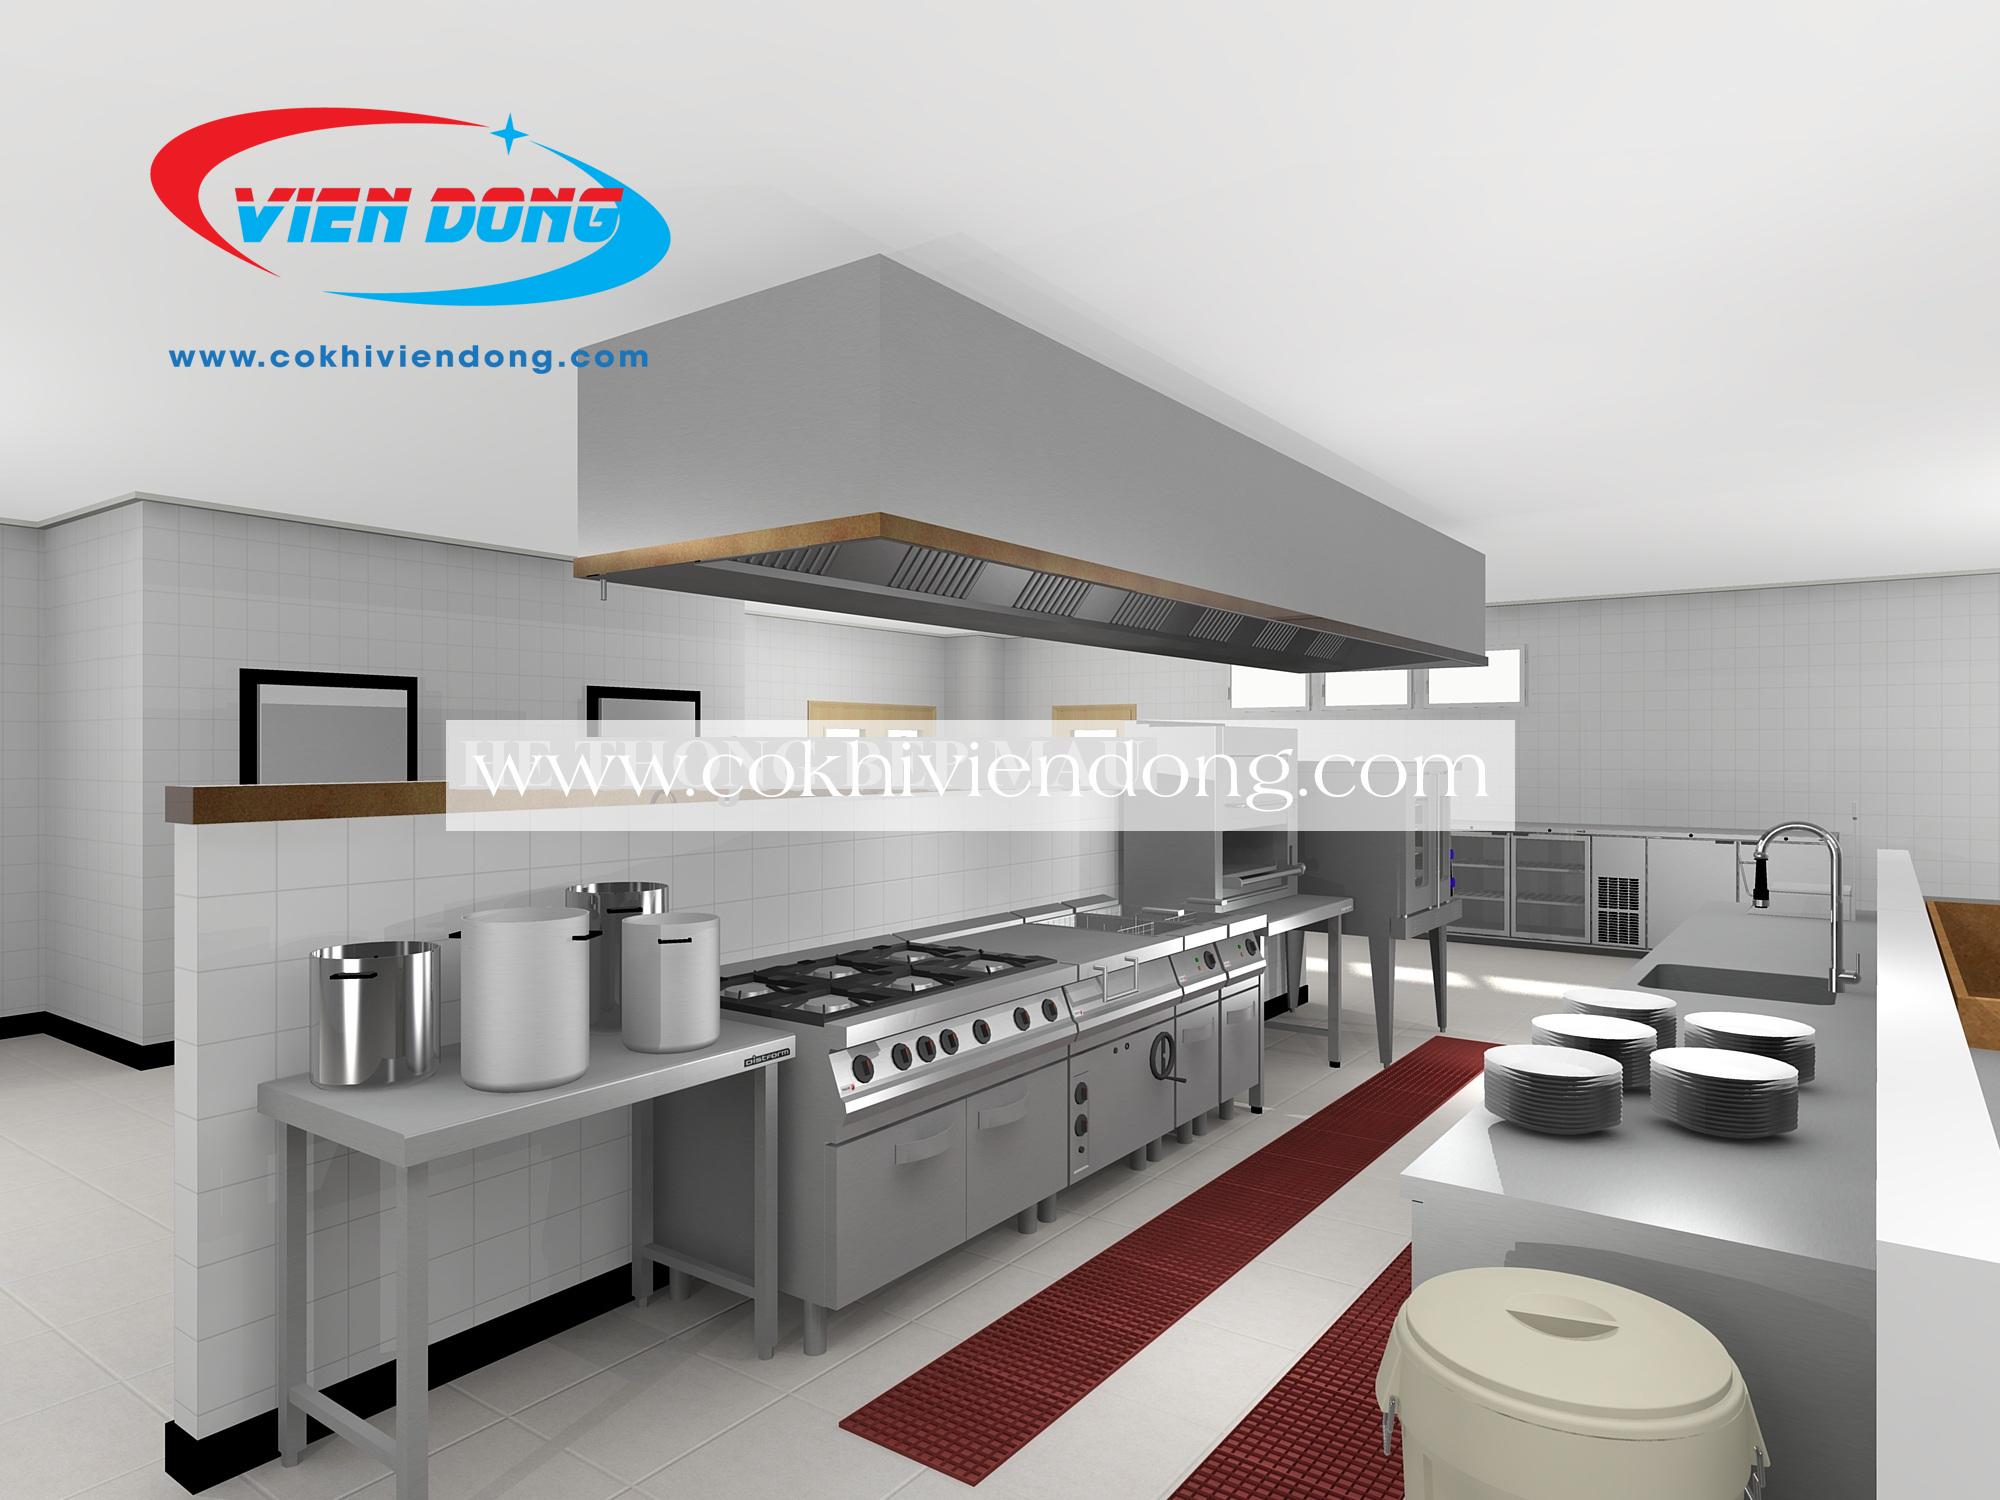 bản vẽ 3d bếp nhà hàng